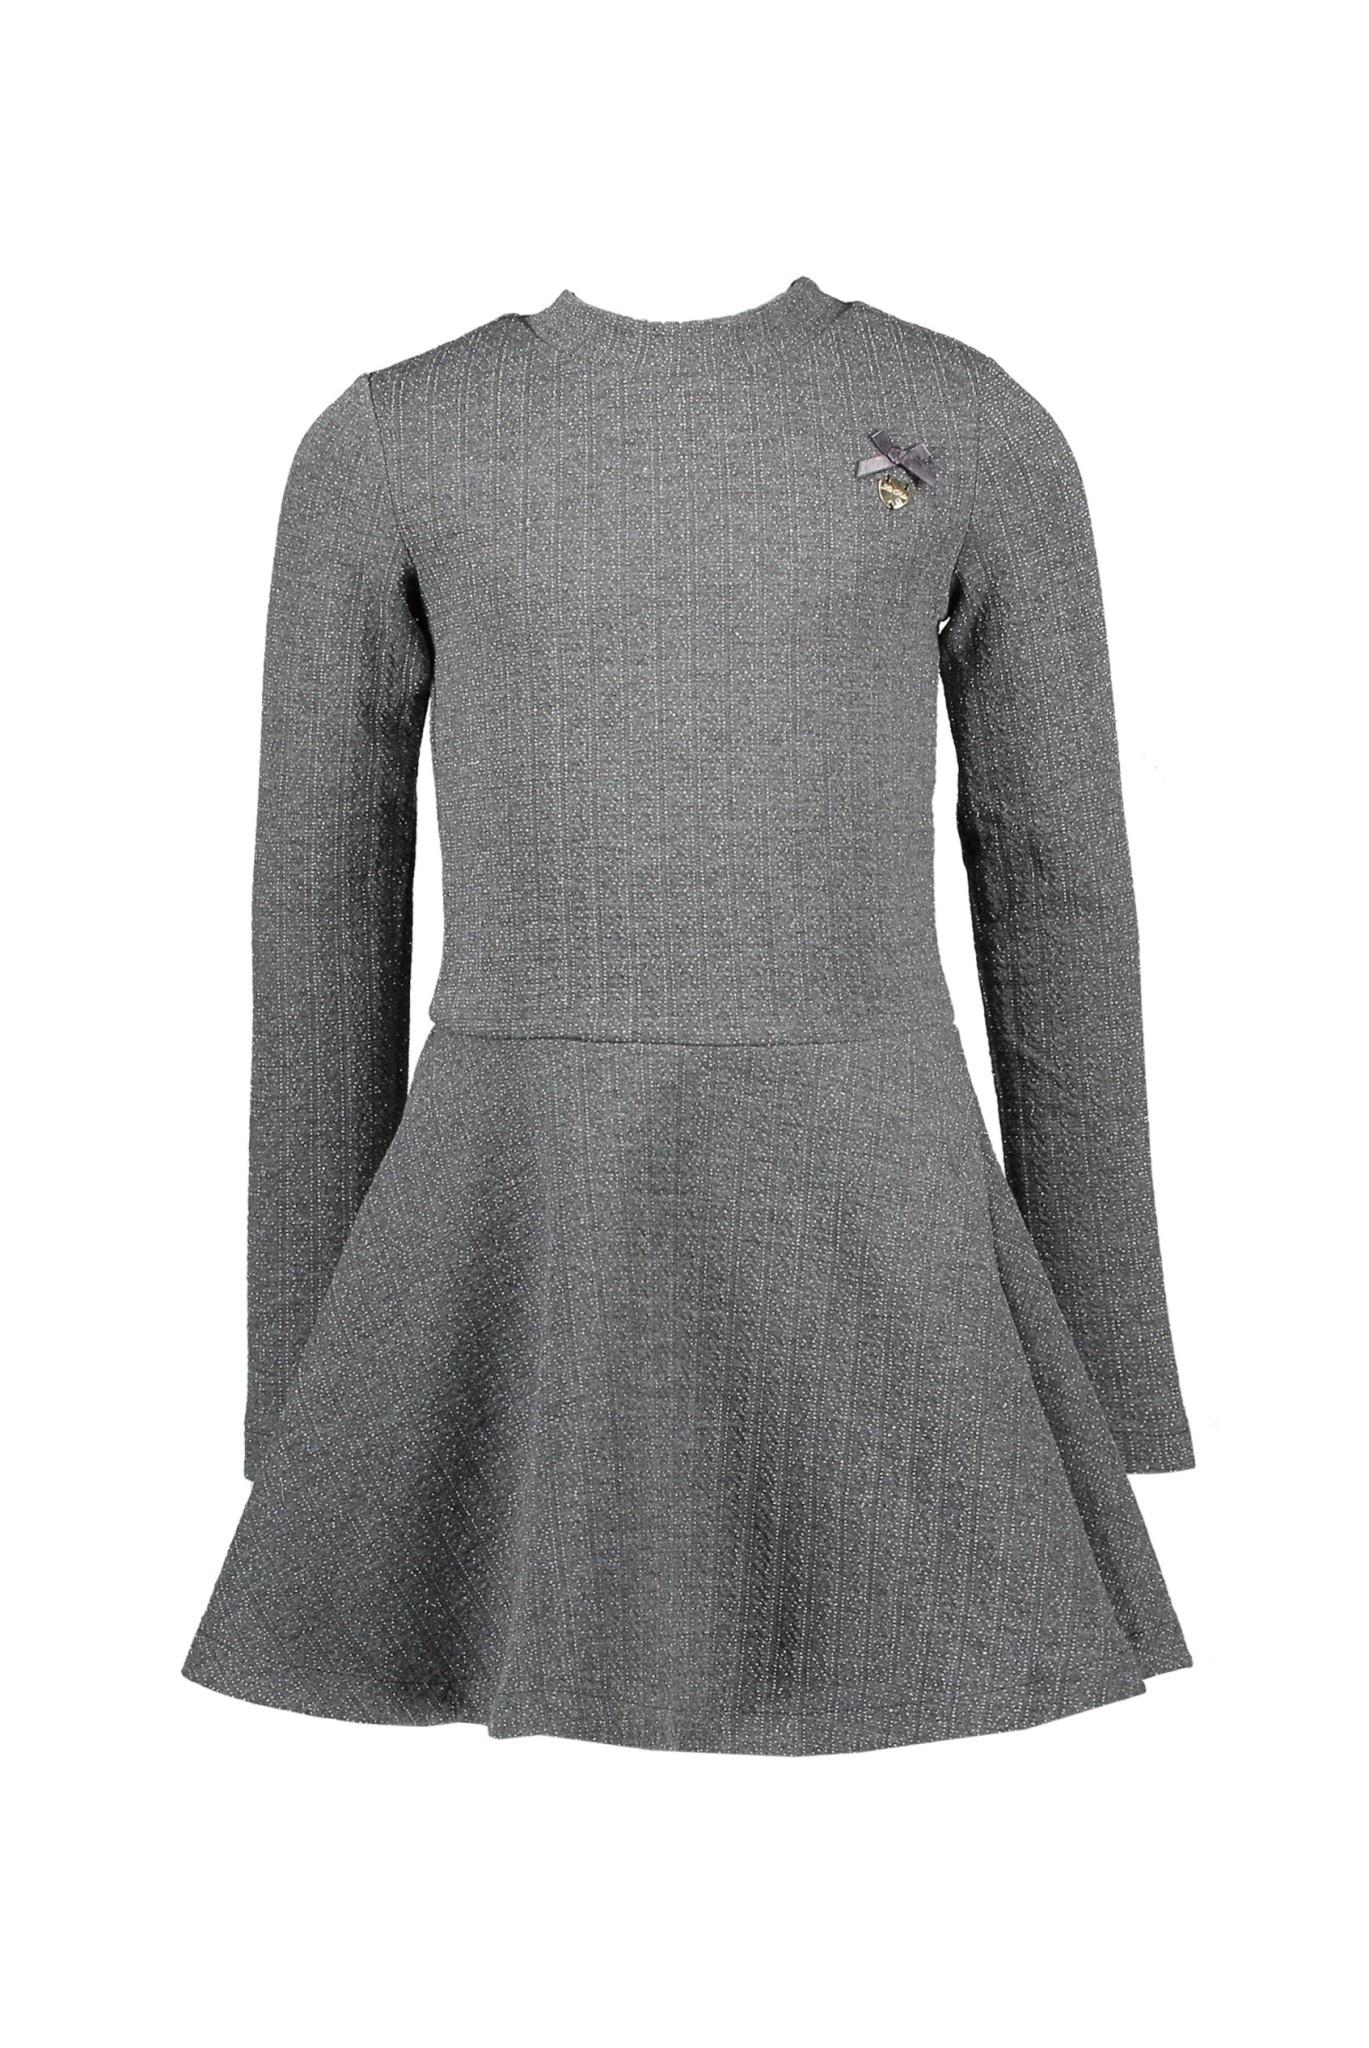 Lauren Dress with Lurex Pinstripe